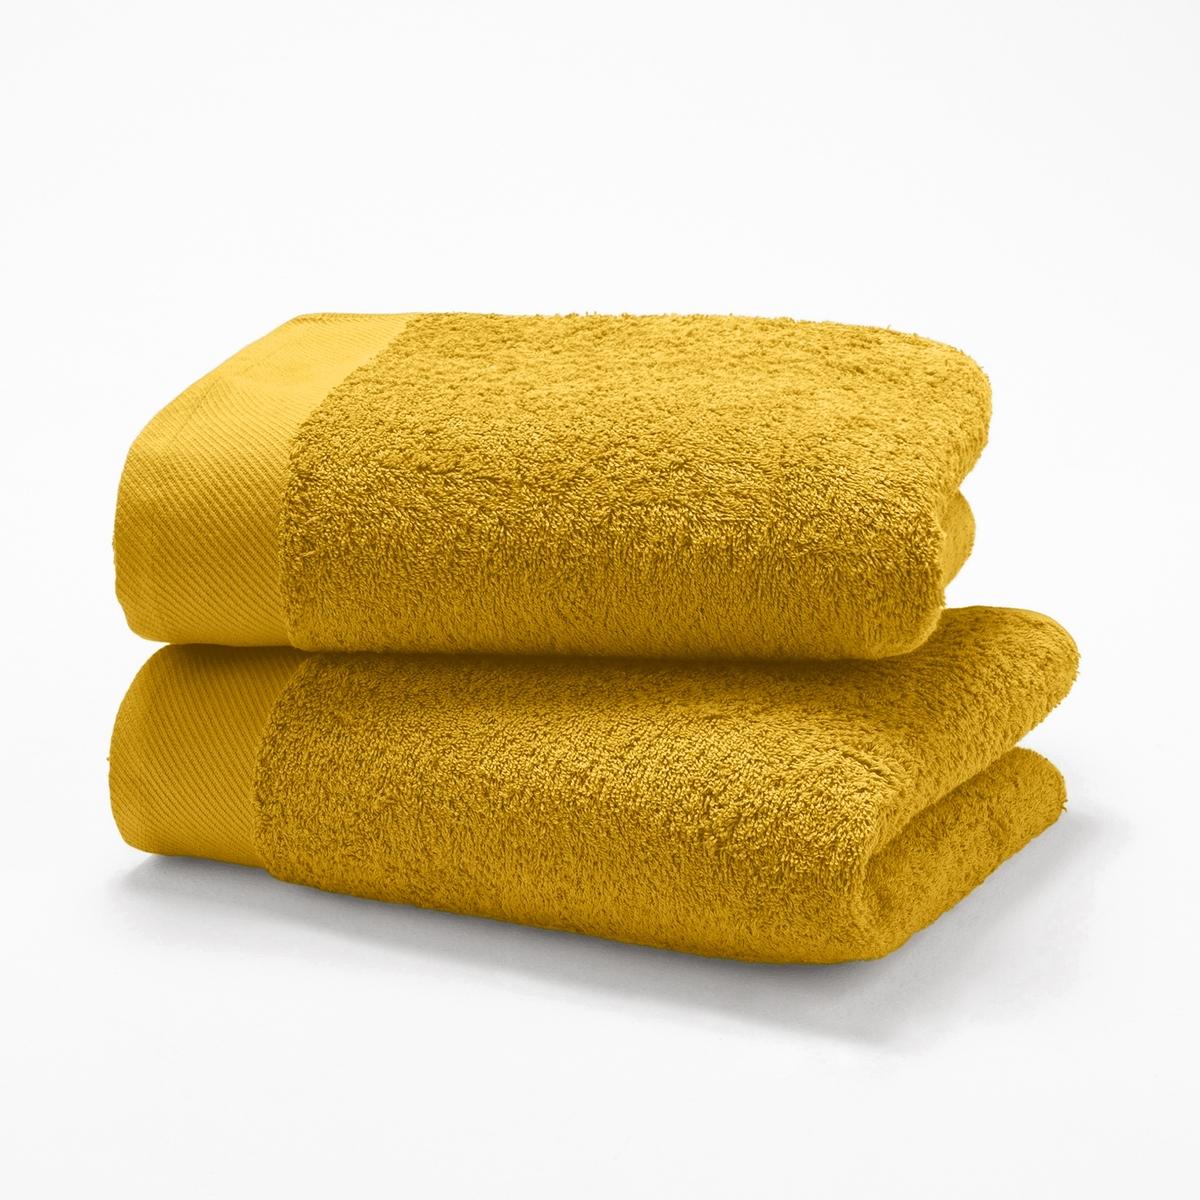 Комплект из 2 полотенец из махровой ткани 500 г/м?Характеристики 2 однотонных полотенец :- Махровая ткань, 100% хлопок (500 г/м?).- Отделка краев диагонали.- Машинная стирка при 60 °С.- Машинная сушка.- Замечательная износоустойчивость, сохраняет мягкость и яркость окраски после многочисленных стирок.- Размеры полотенца : 50 x 100 см.- В комплекте 2 полотенца. Знак Oeko-Tex® гарантирует, что товары протестированы и сертифицированы, не содержат вредных веществ, которые могли бы нанести вред здоровью.<br><br>Цвет: желтый шафран